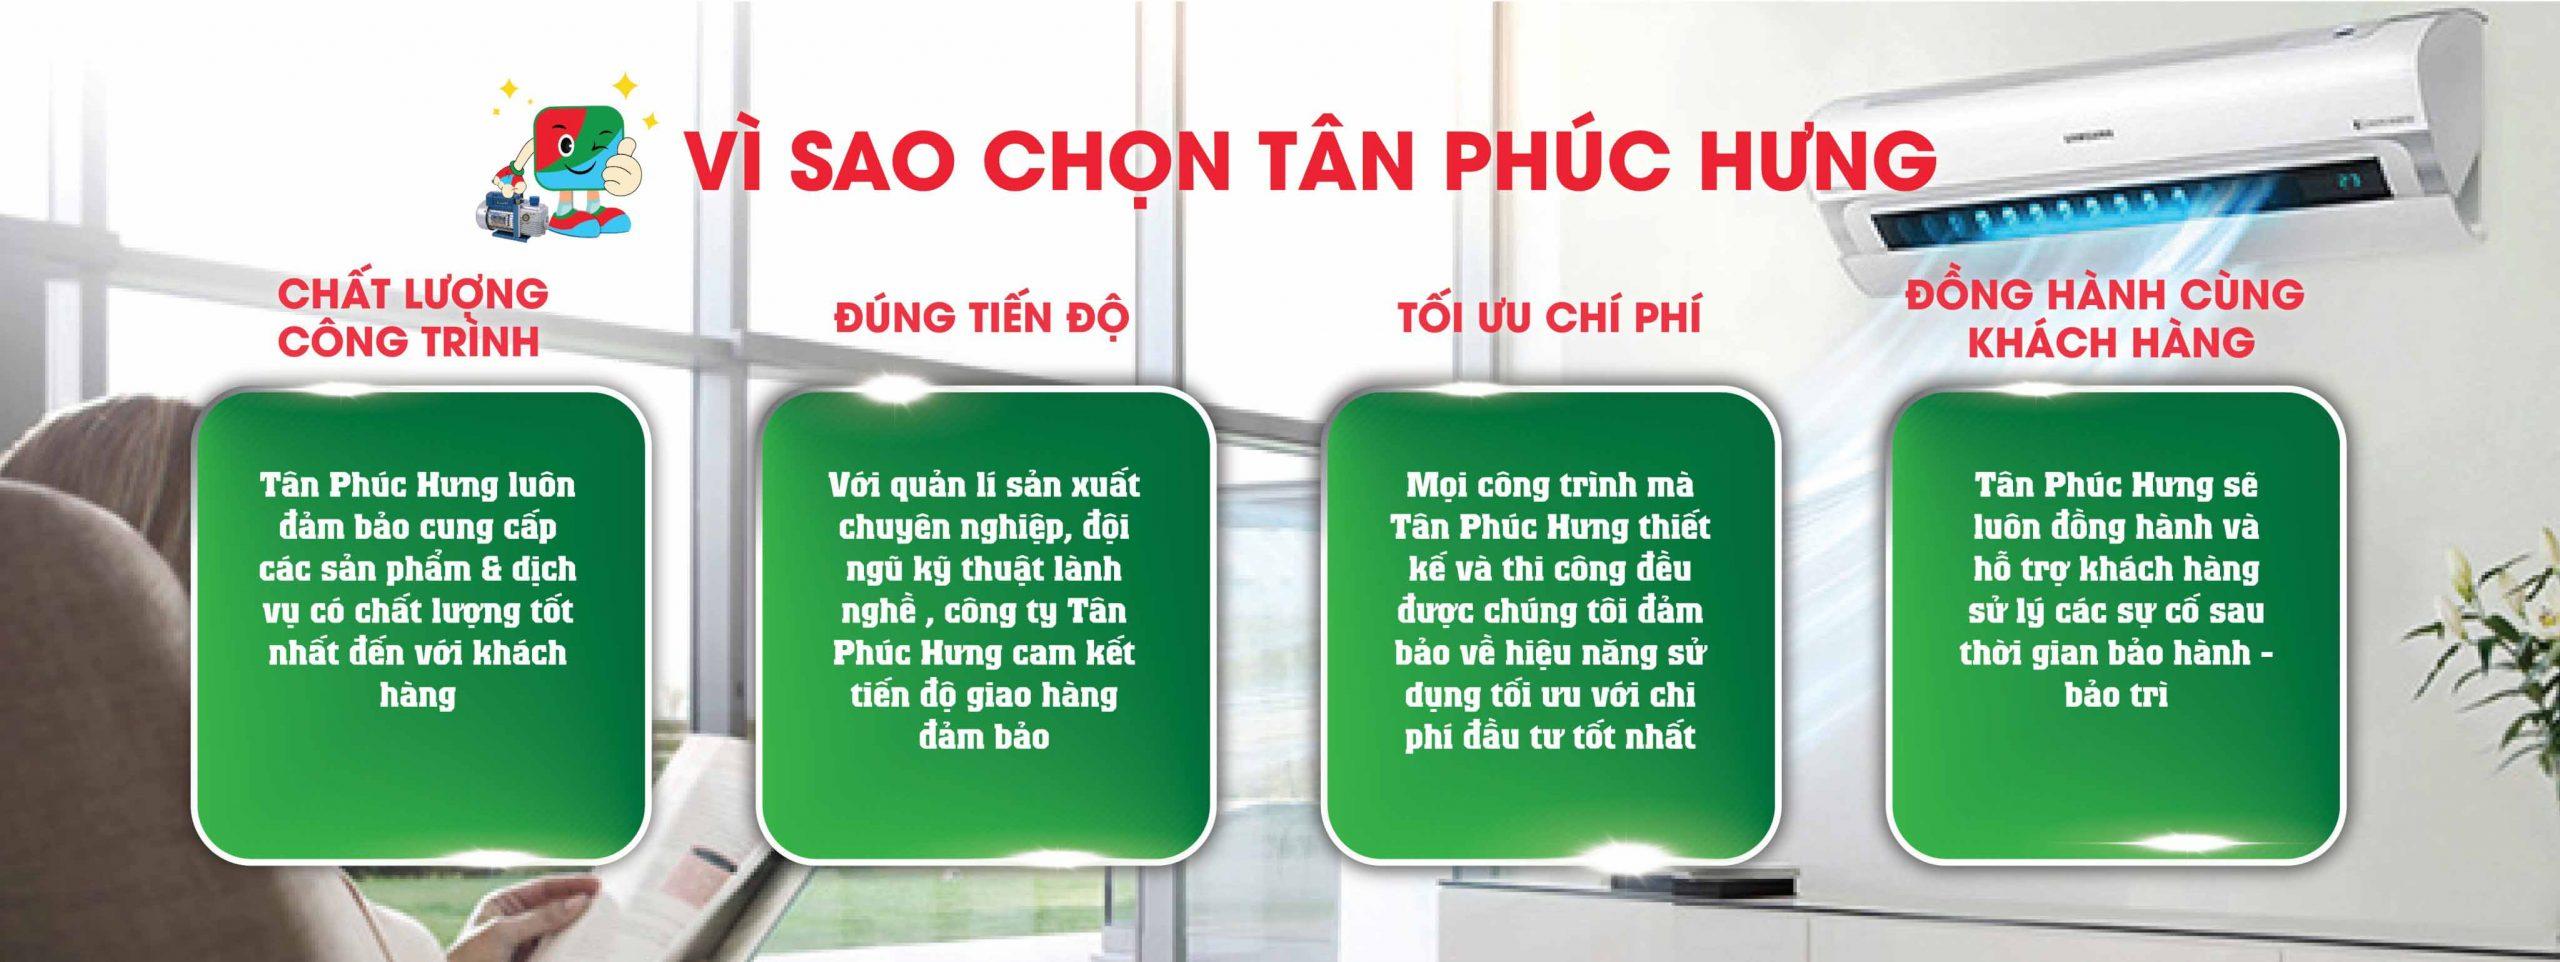 Tan Phuc Hung